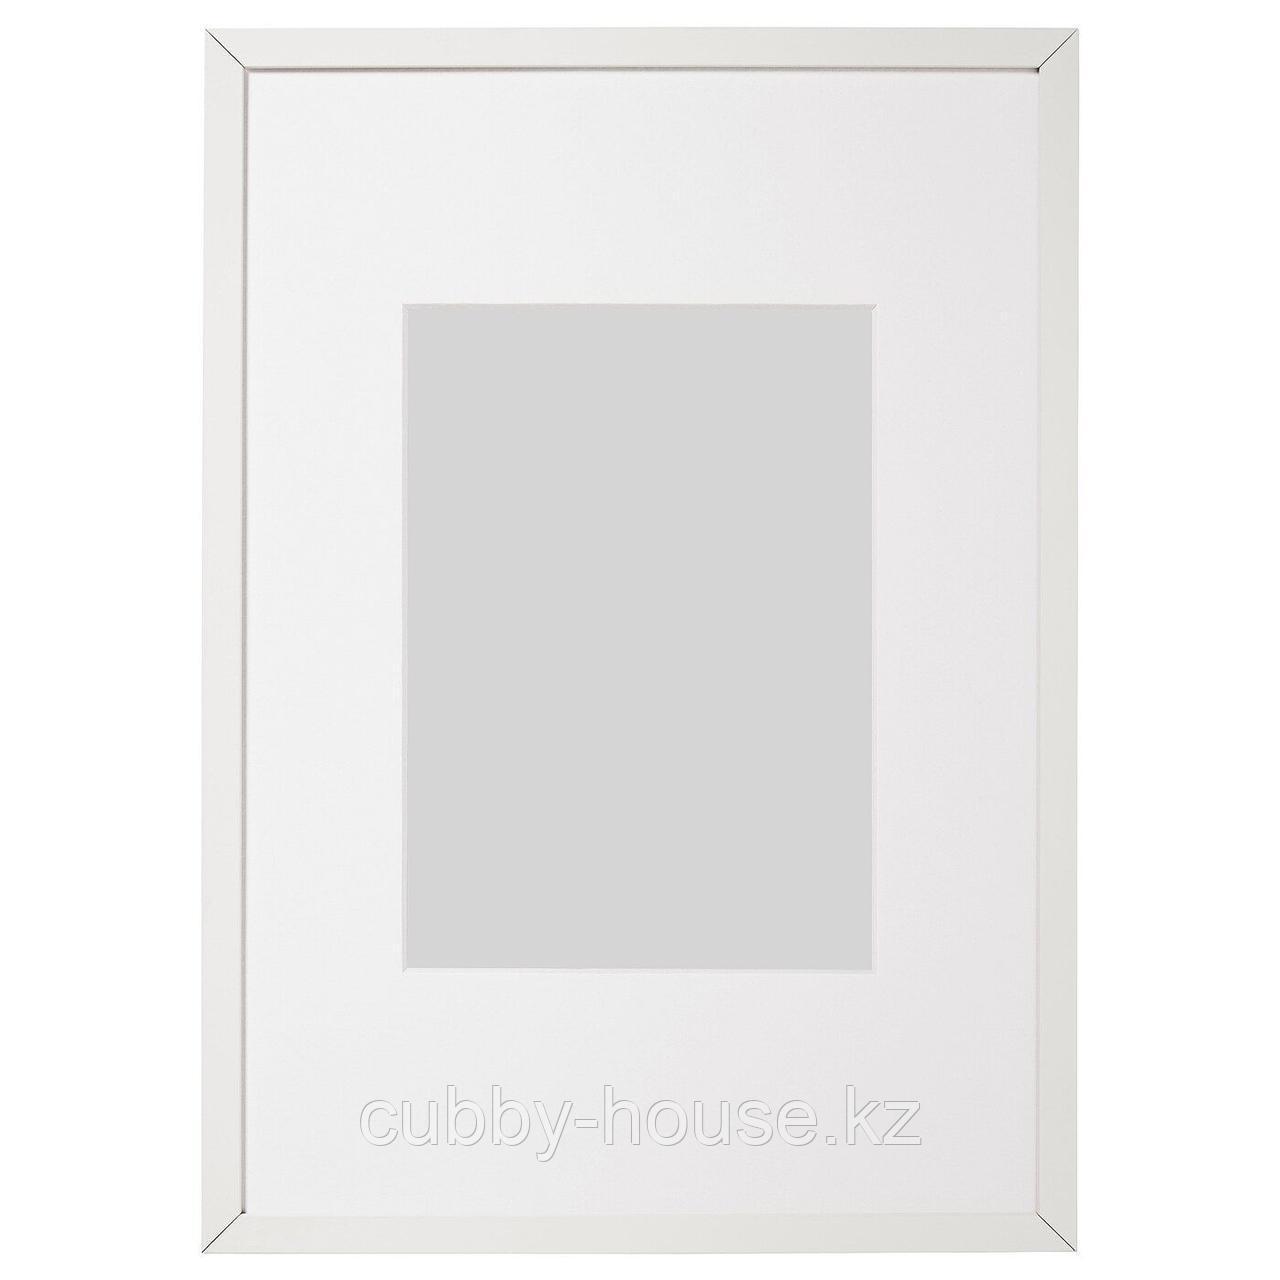 ЛОМВИКЕН Рама, белый, 40x50 см